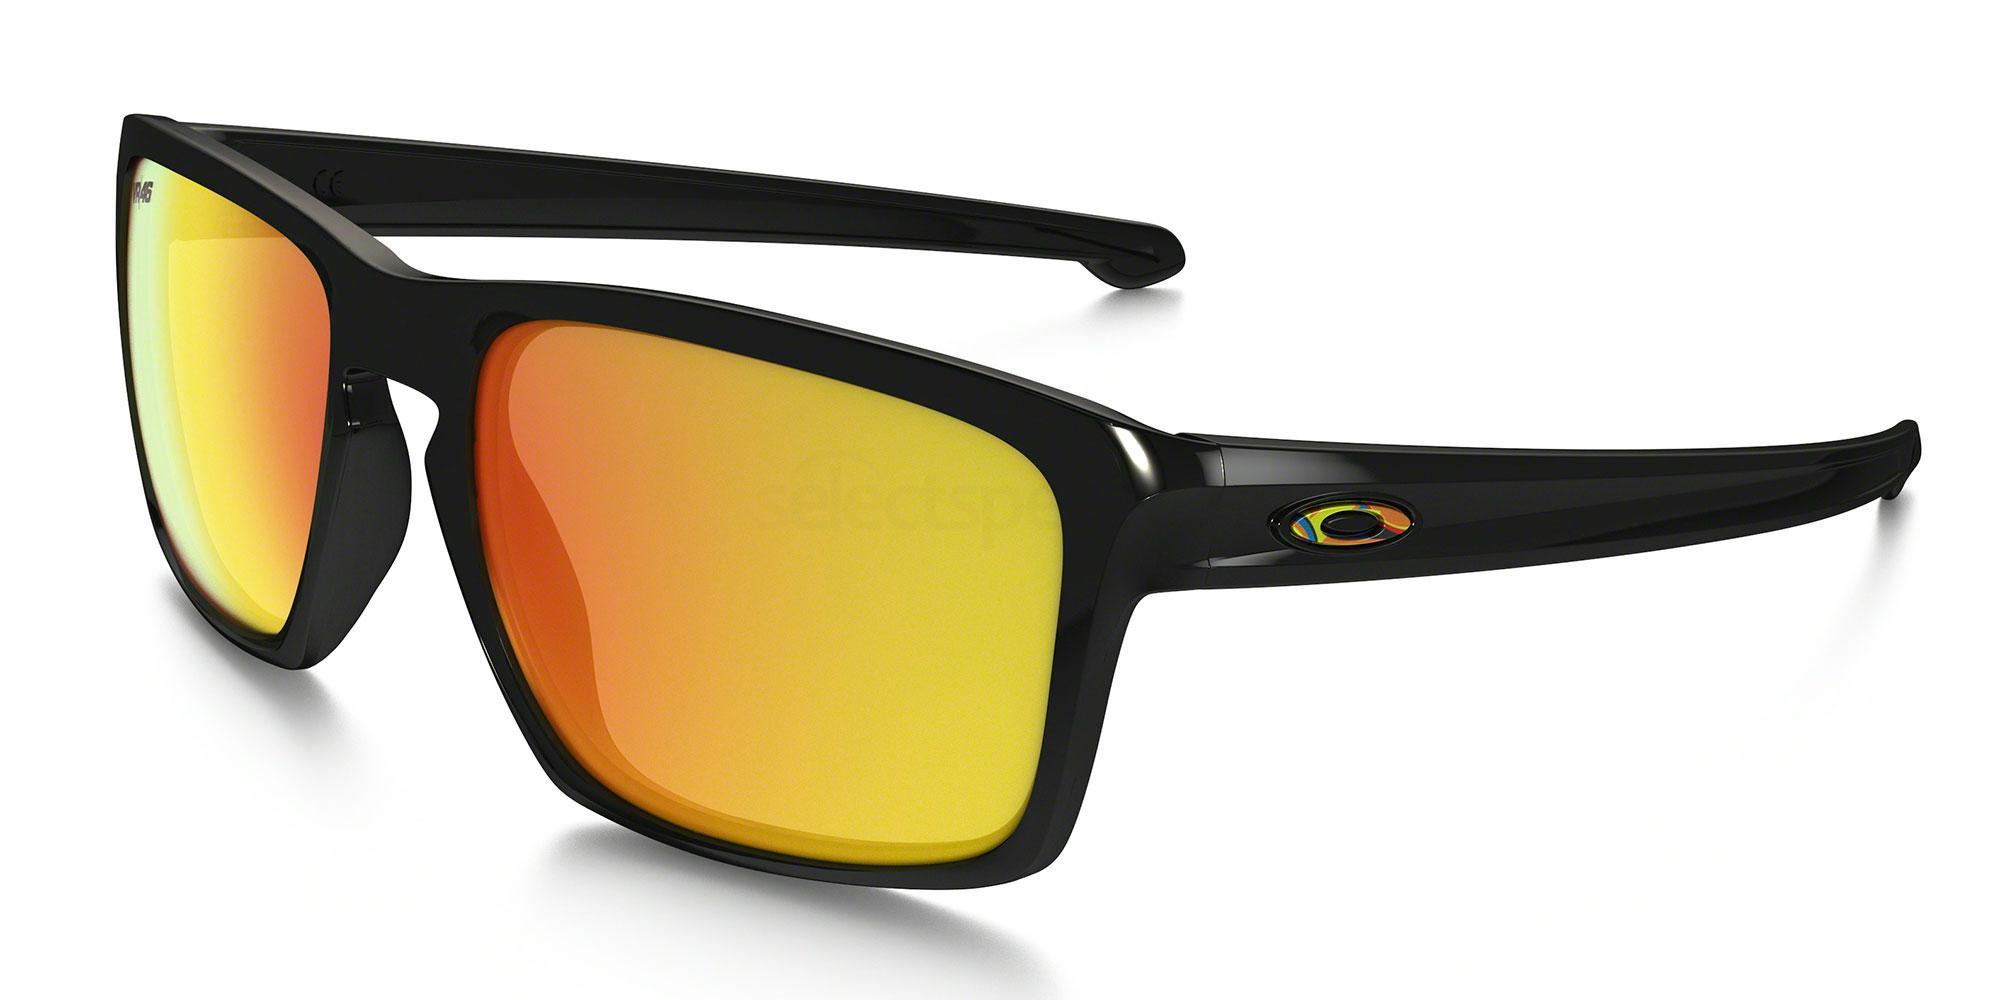 926227 OO9262 SLIVER VALENTINO ROSSI SIGNATURE SERIES Sunglasses, Oakley